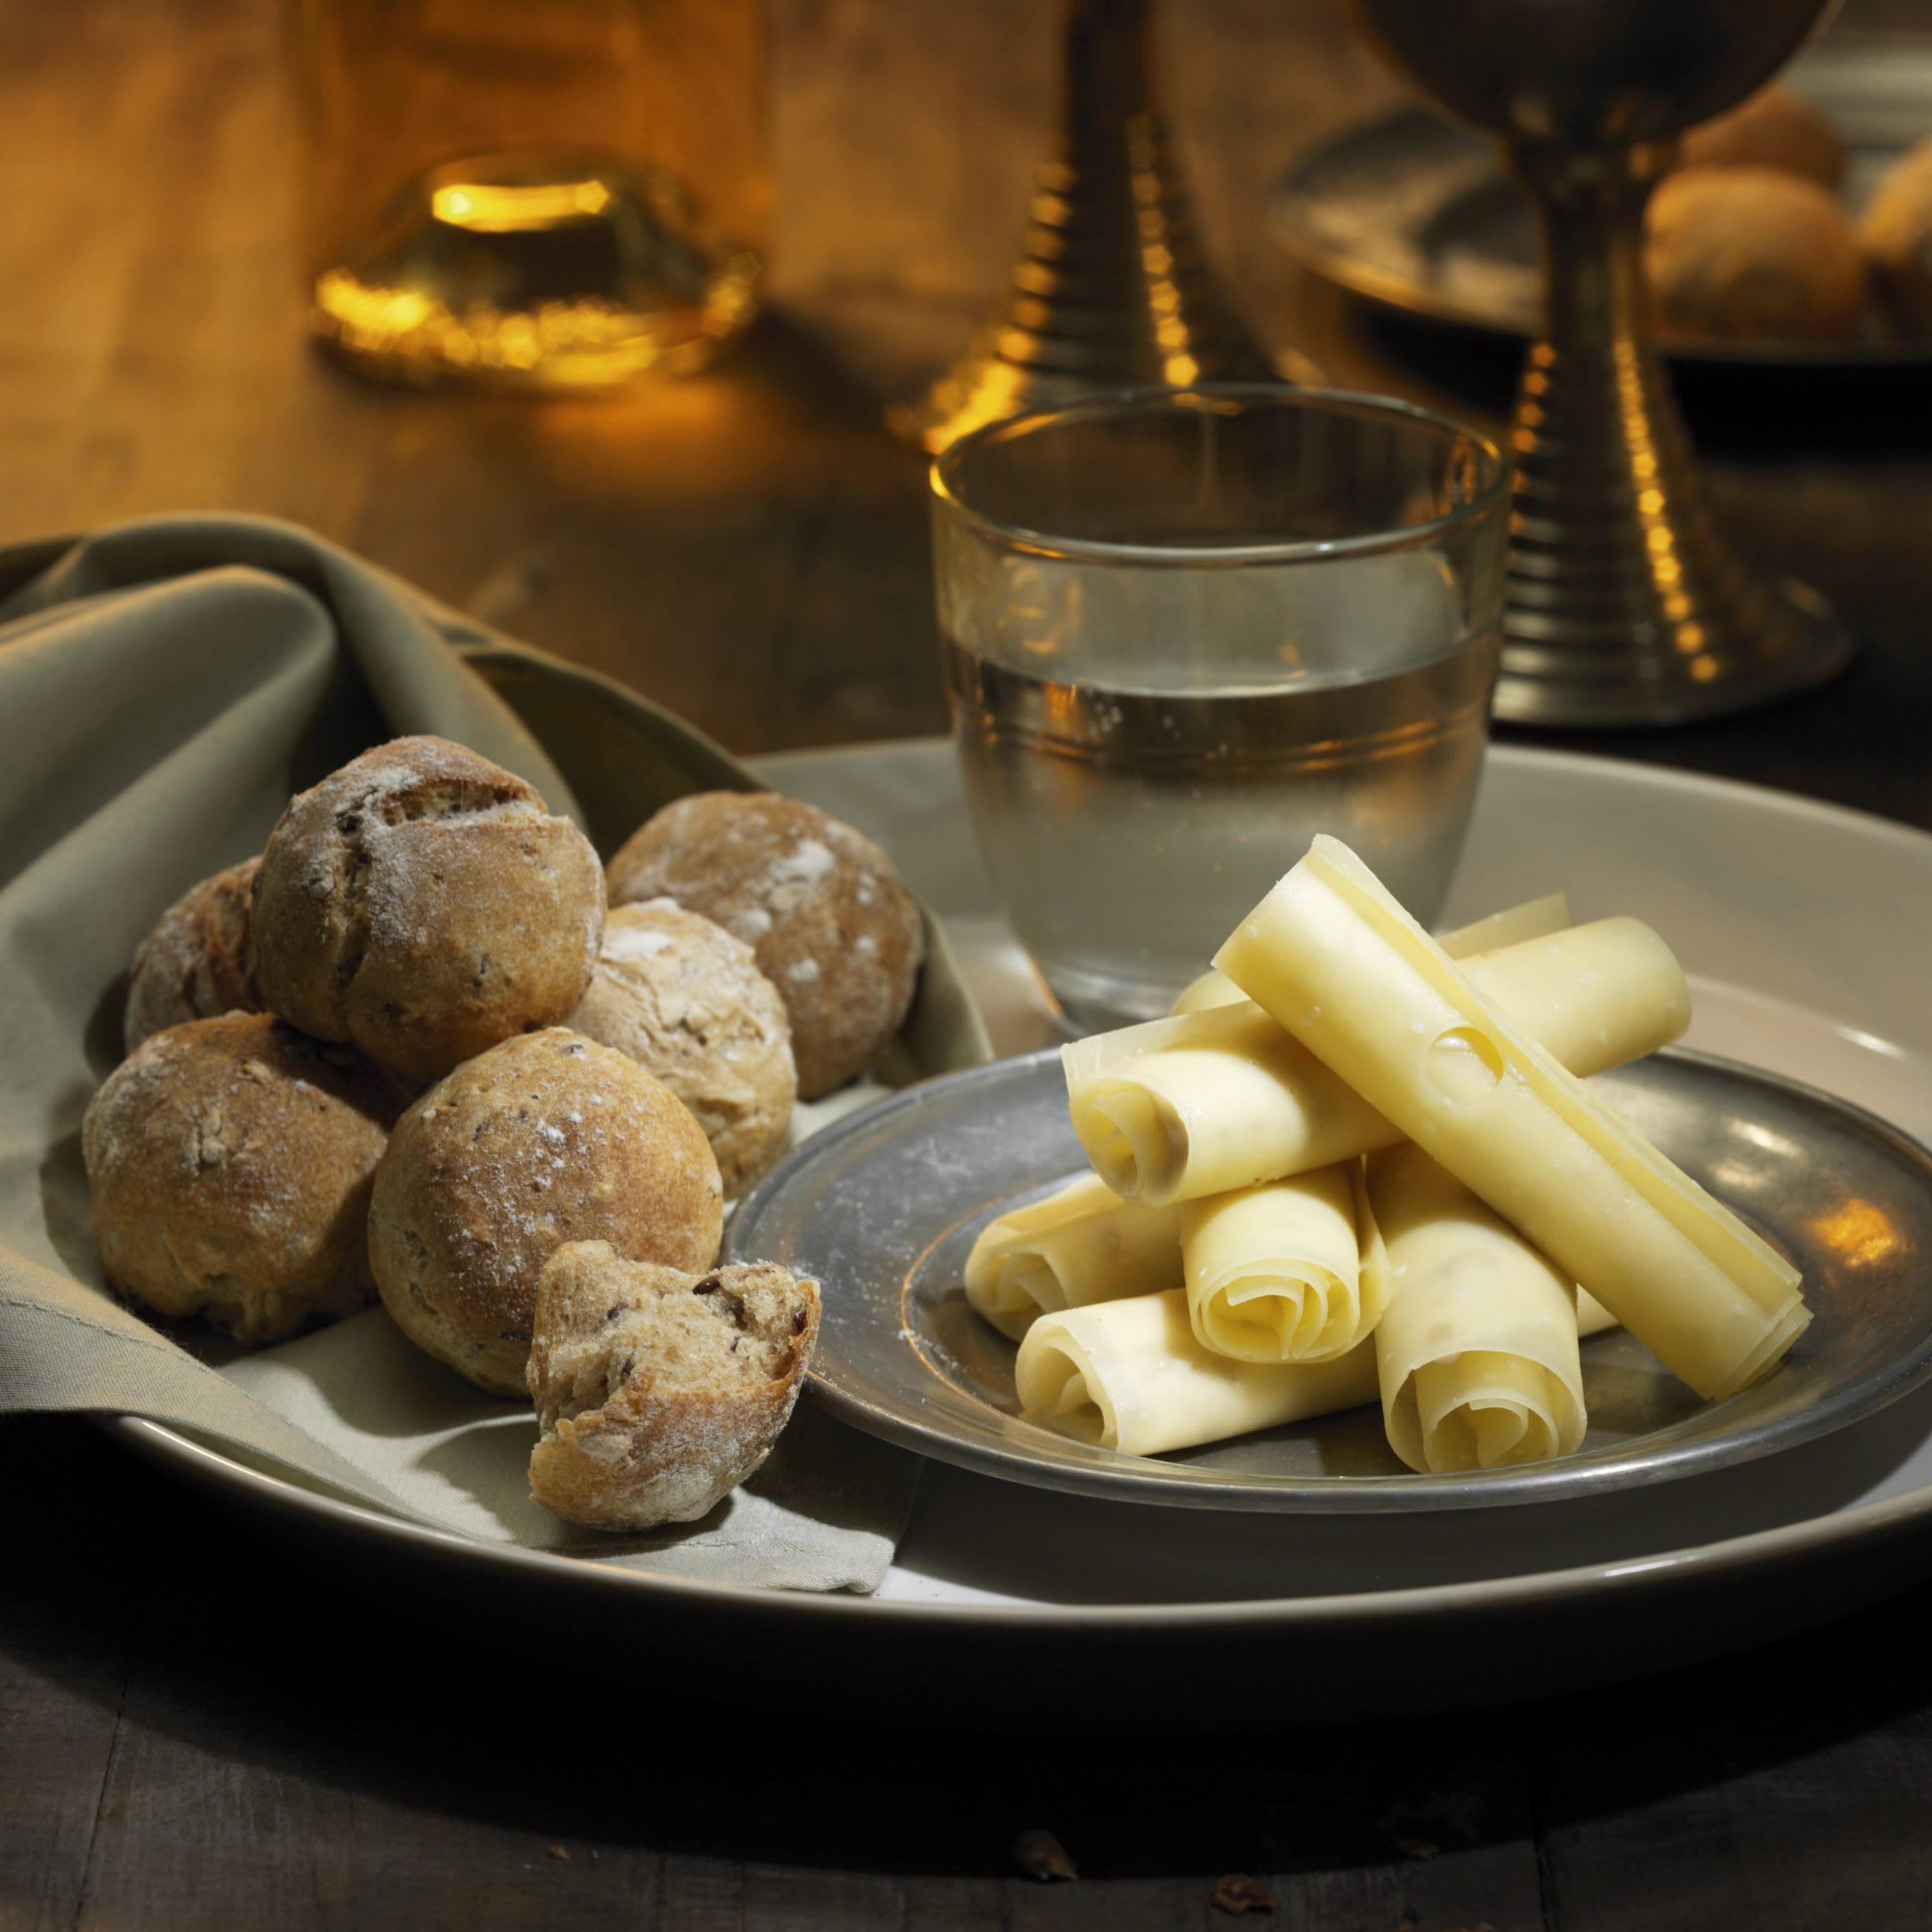 Rouleaux de fromage farcis à la crème de coing et petits pains aux céréales